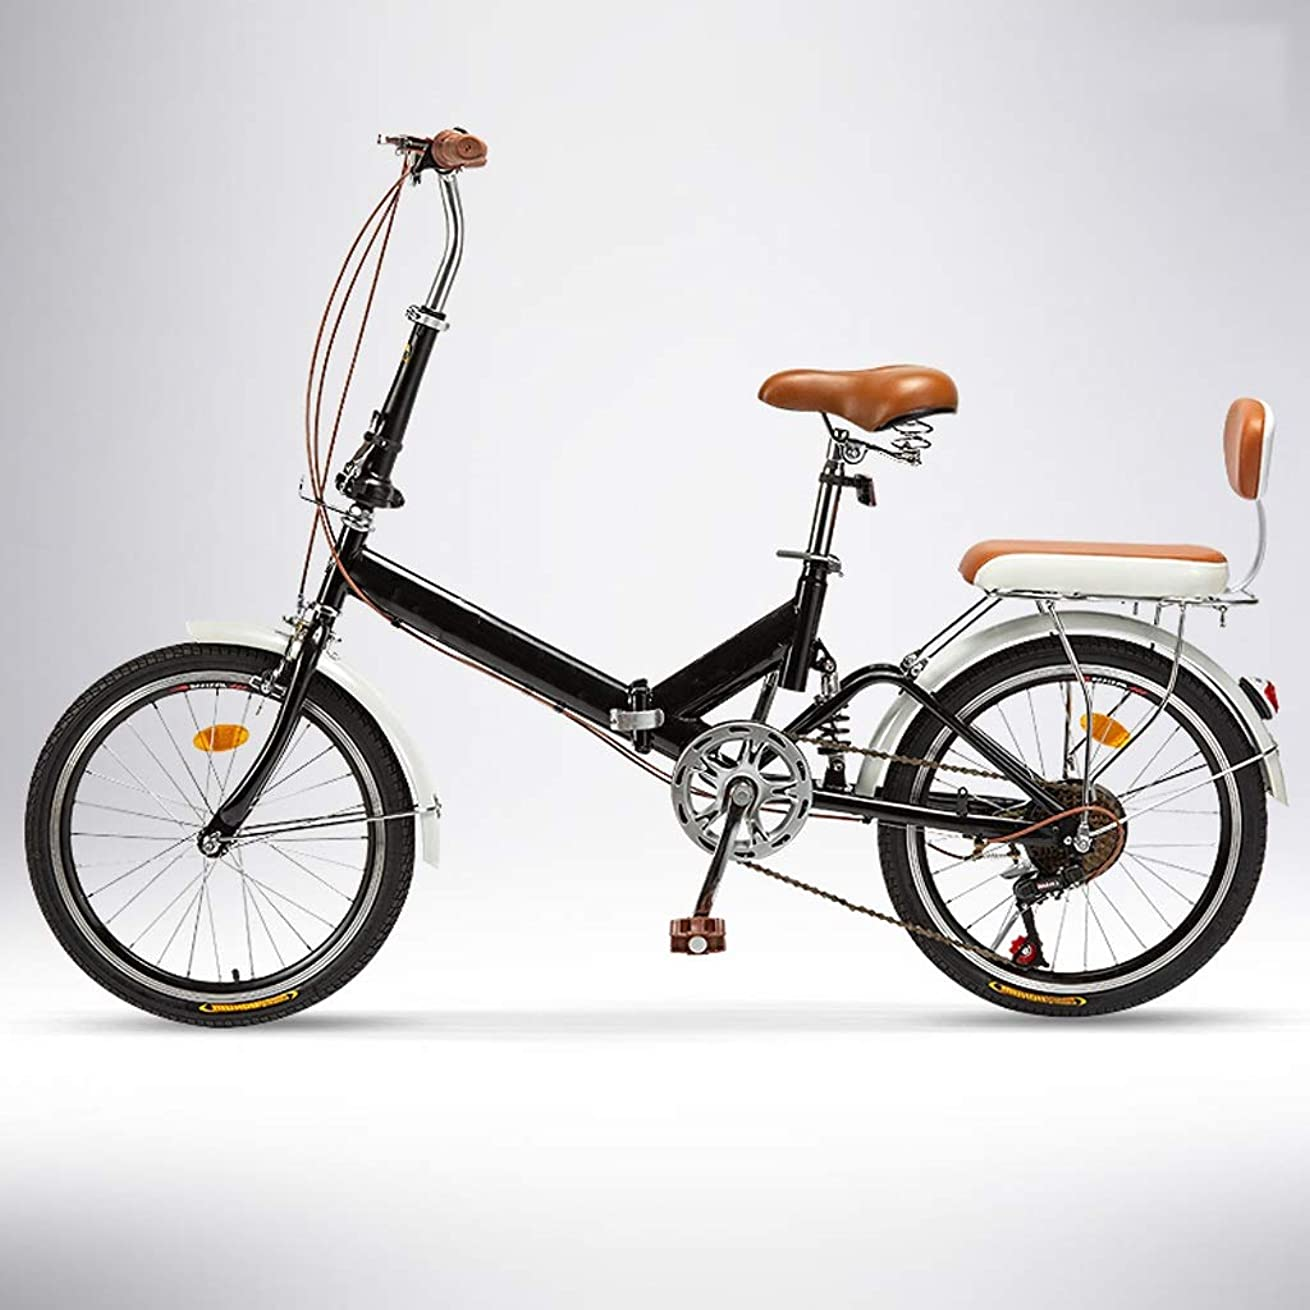 海里富ロードハウス折りたたみ自転車,コンフォートバイクサドルは通勤折りたたみ自転車、ファッショナブルな耐久性のある20インチ6台の速クルーザーバイクロードバイクを、ポータブル市折りたたみ自転車ミニコンパクト自転車アーバンコミューターに適合します (Color :...